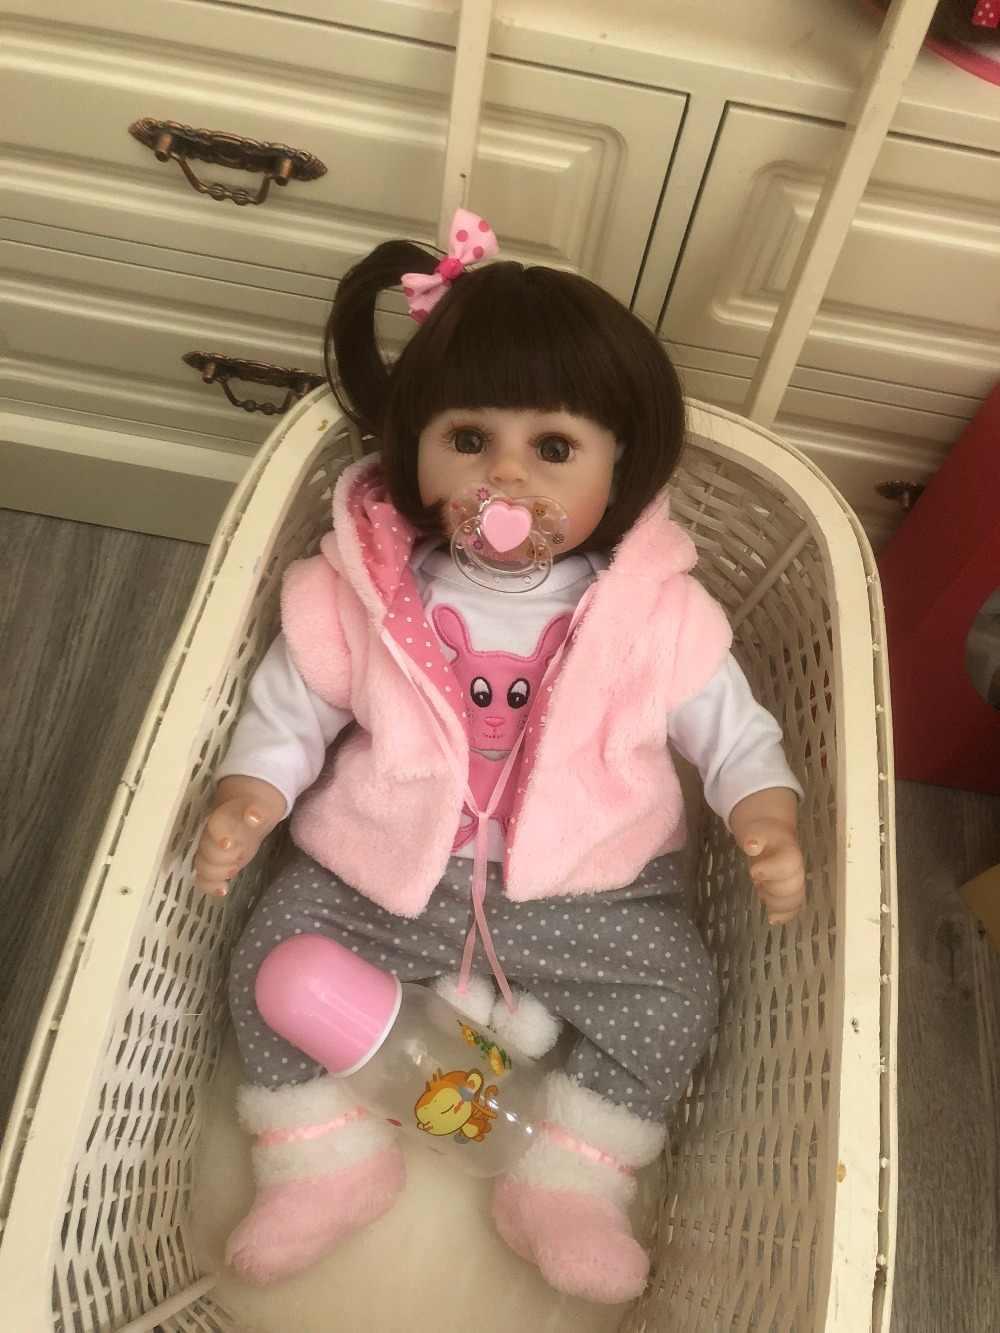 48CM bebe muñeca bebé muñeca hecha a mano de silicona adorable renace niño metoo chica chico Niña de la muñeca de silicona sorpresa